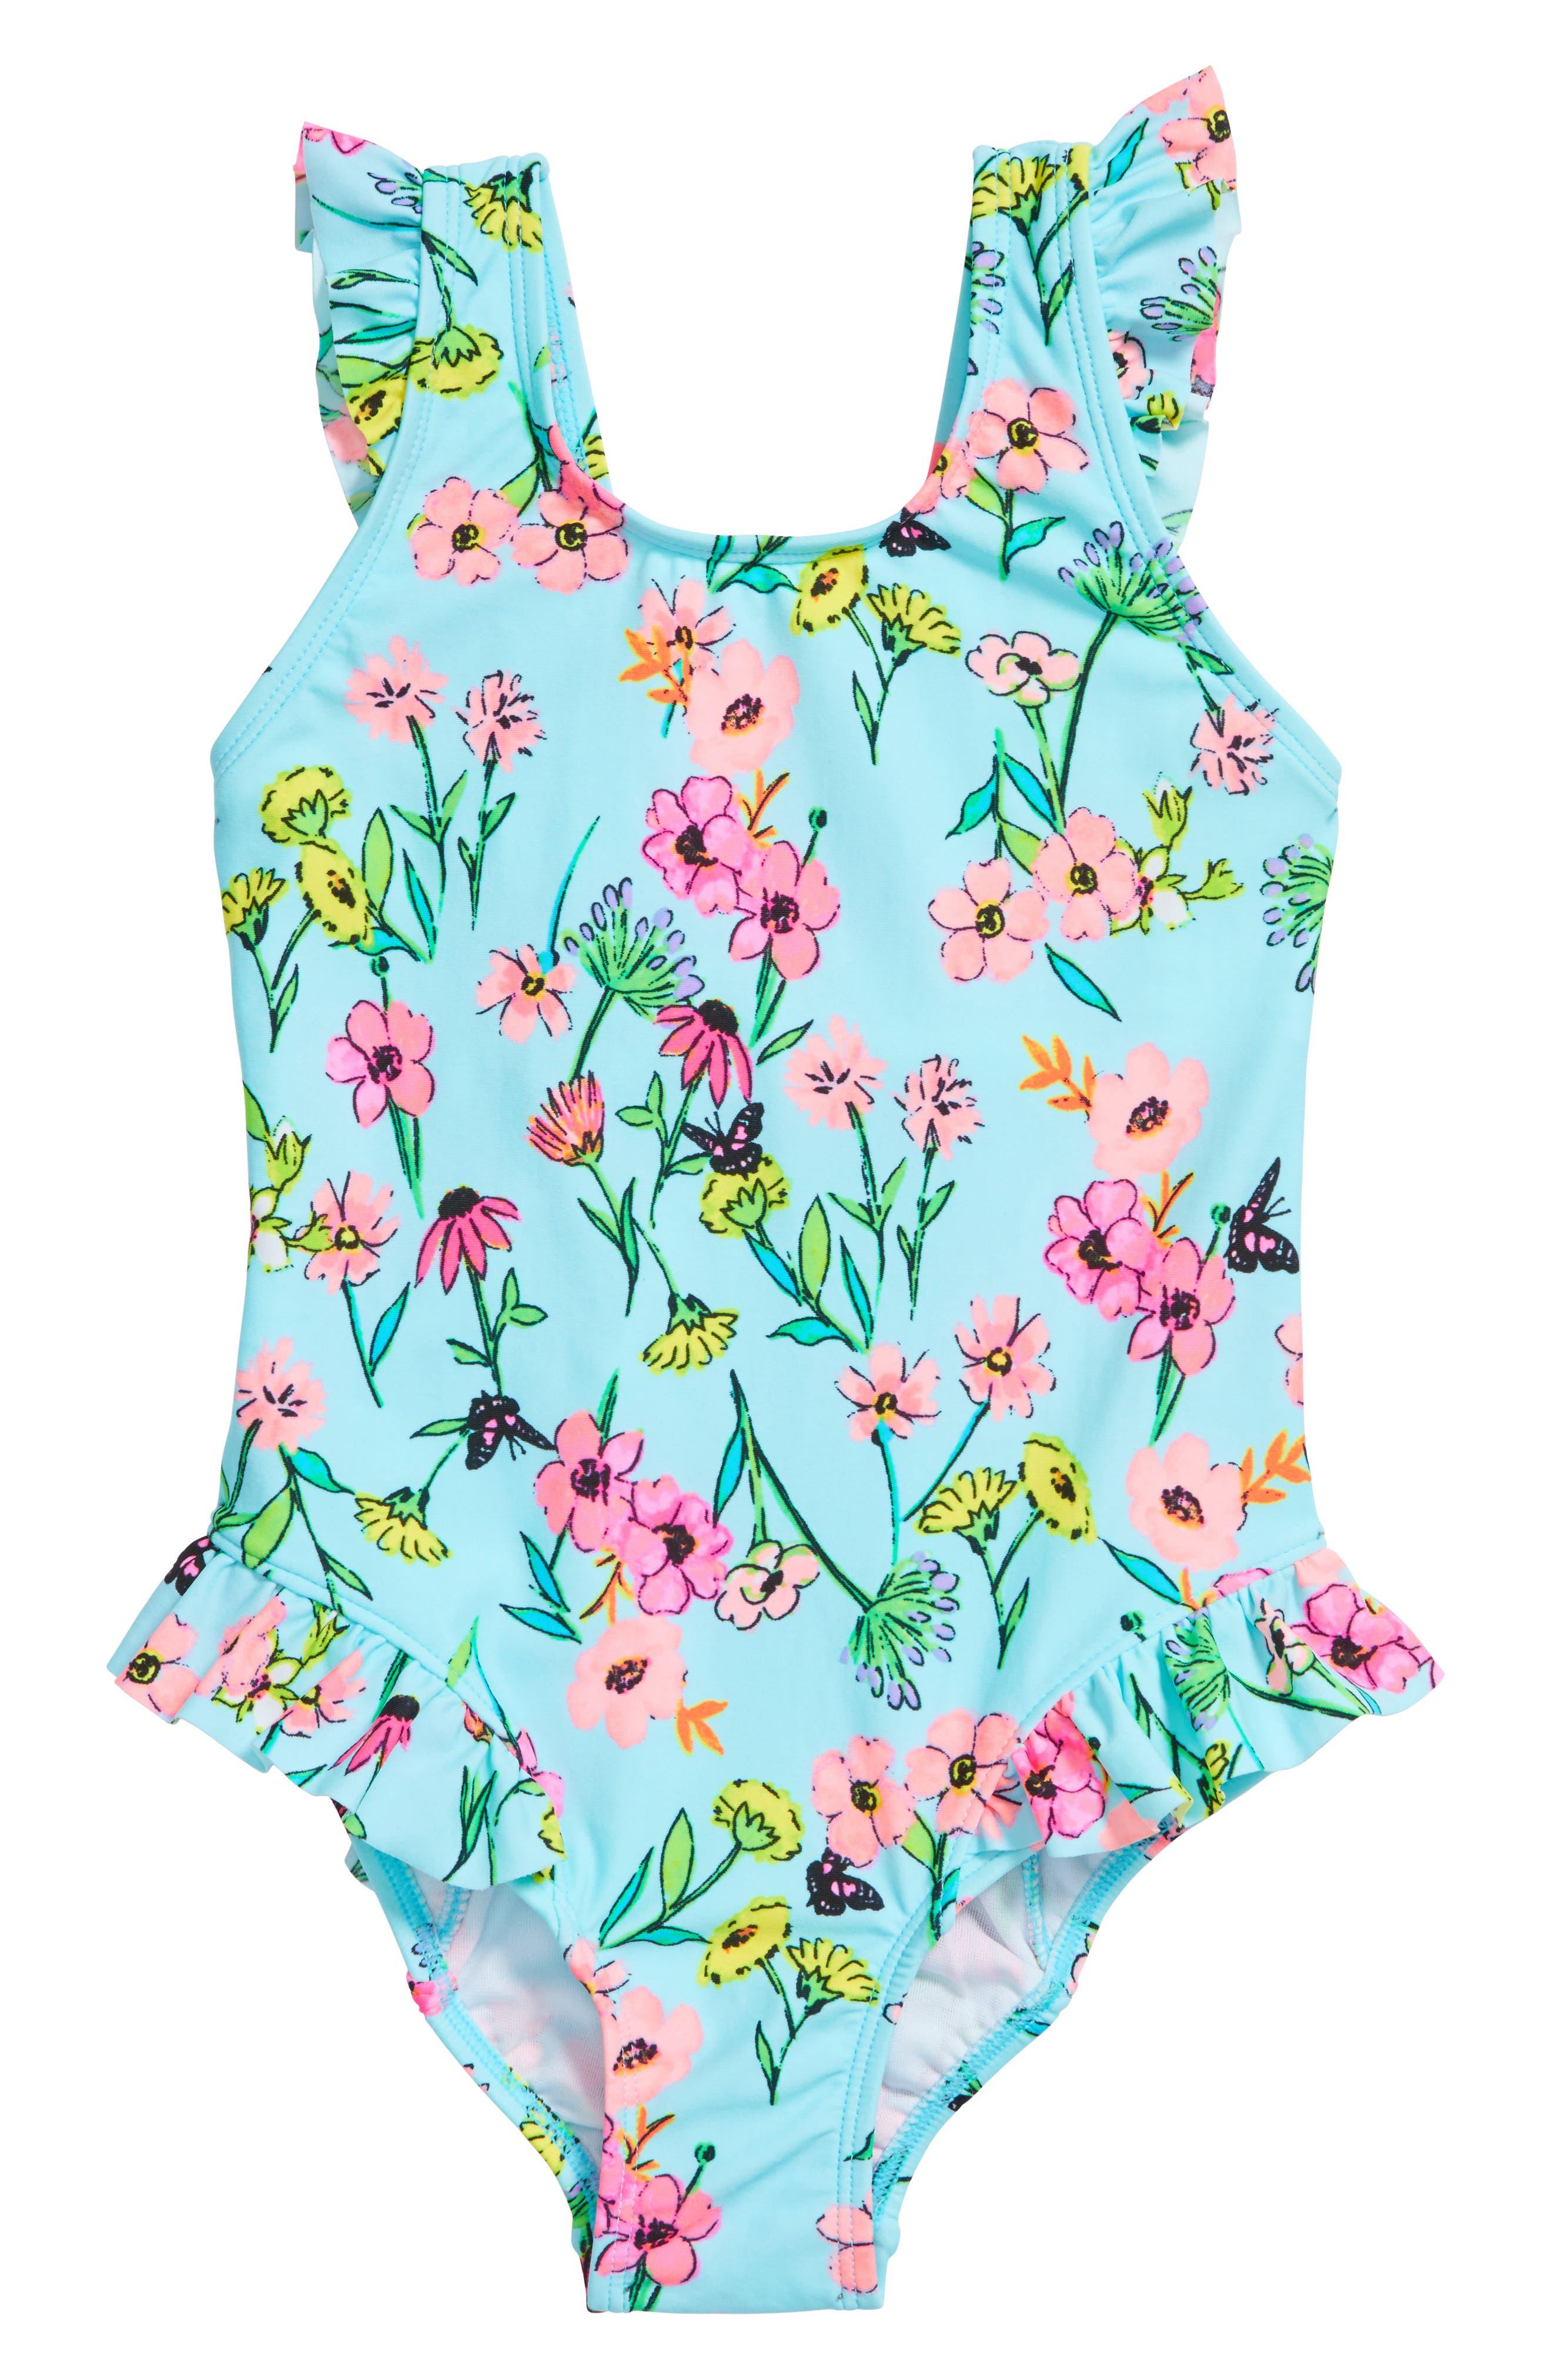 Hula Star Fairy Garden One-Piece Swimsuit (Toddler Girls & Little Girls)